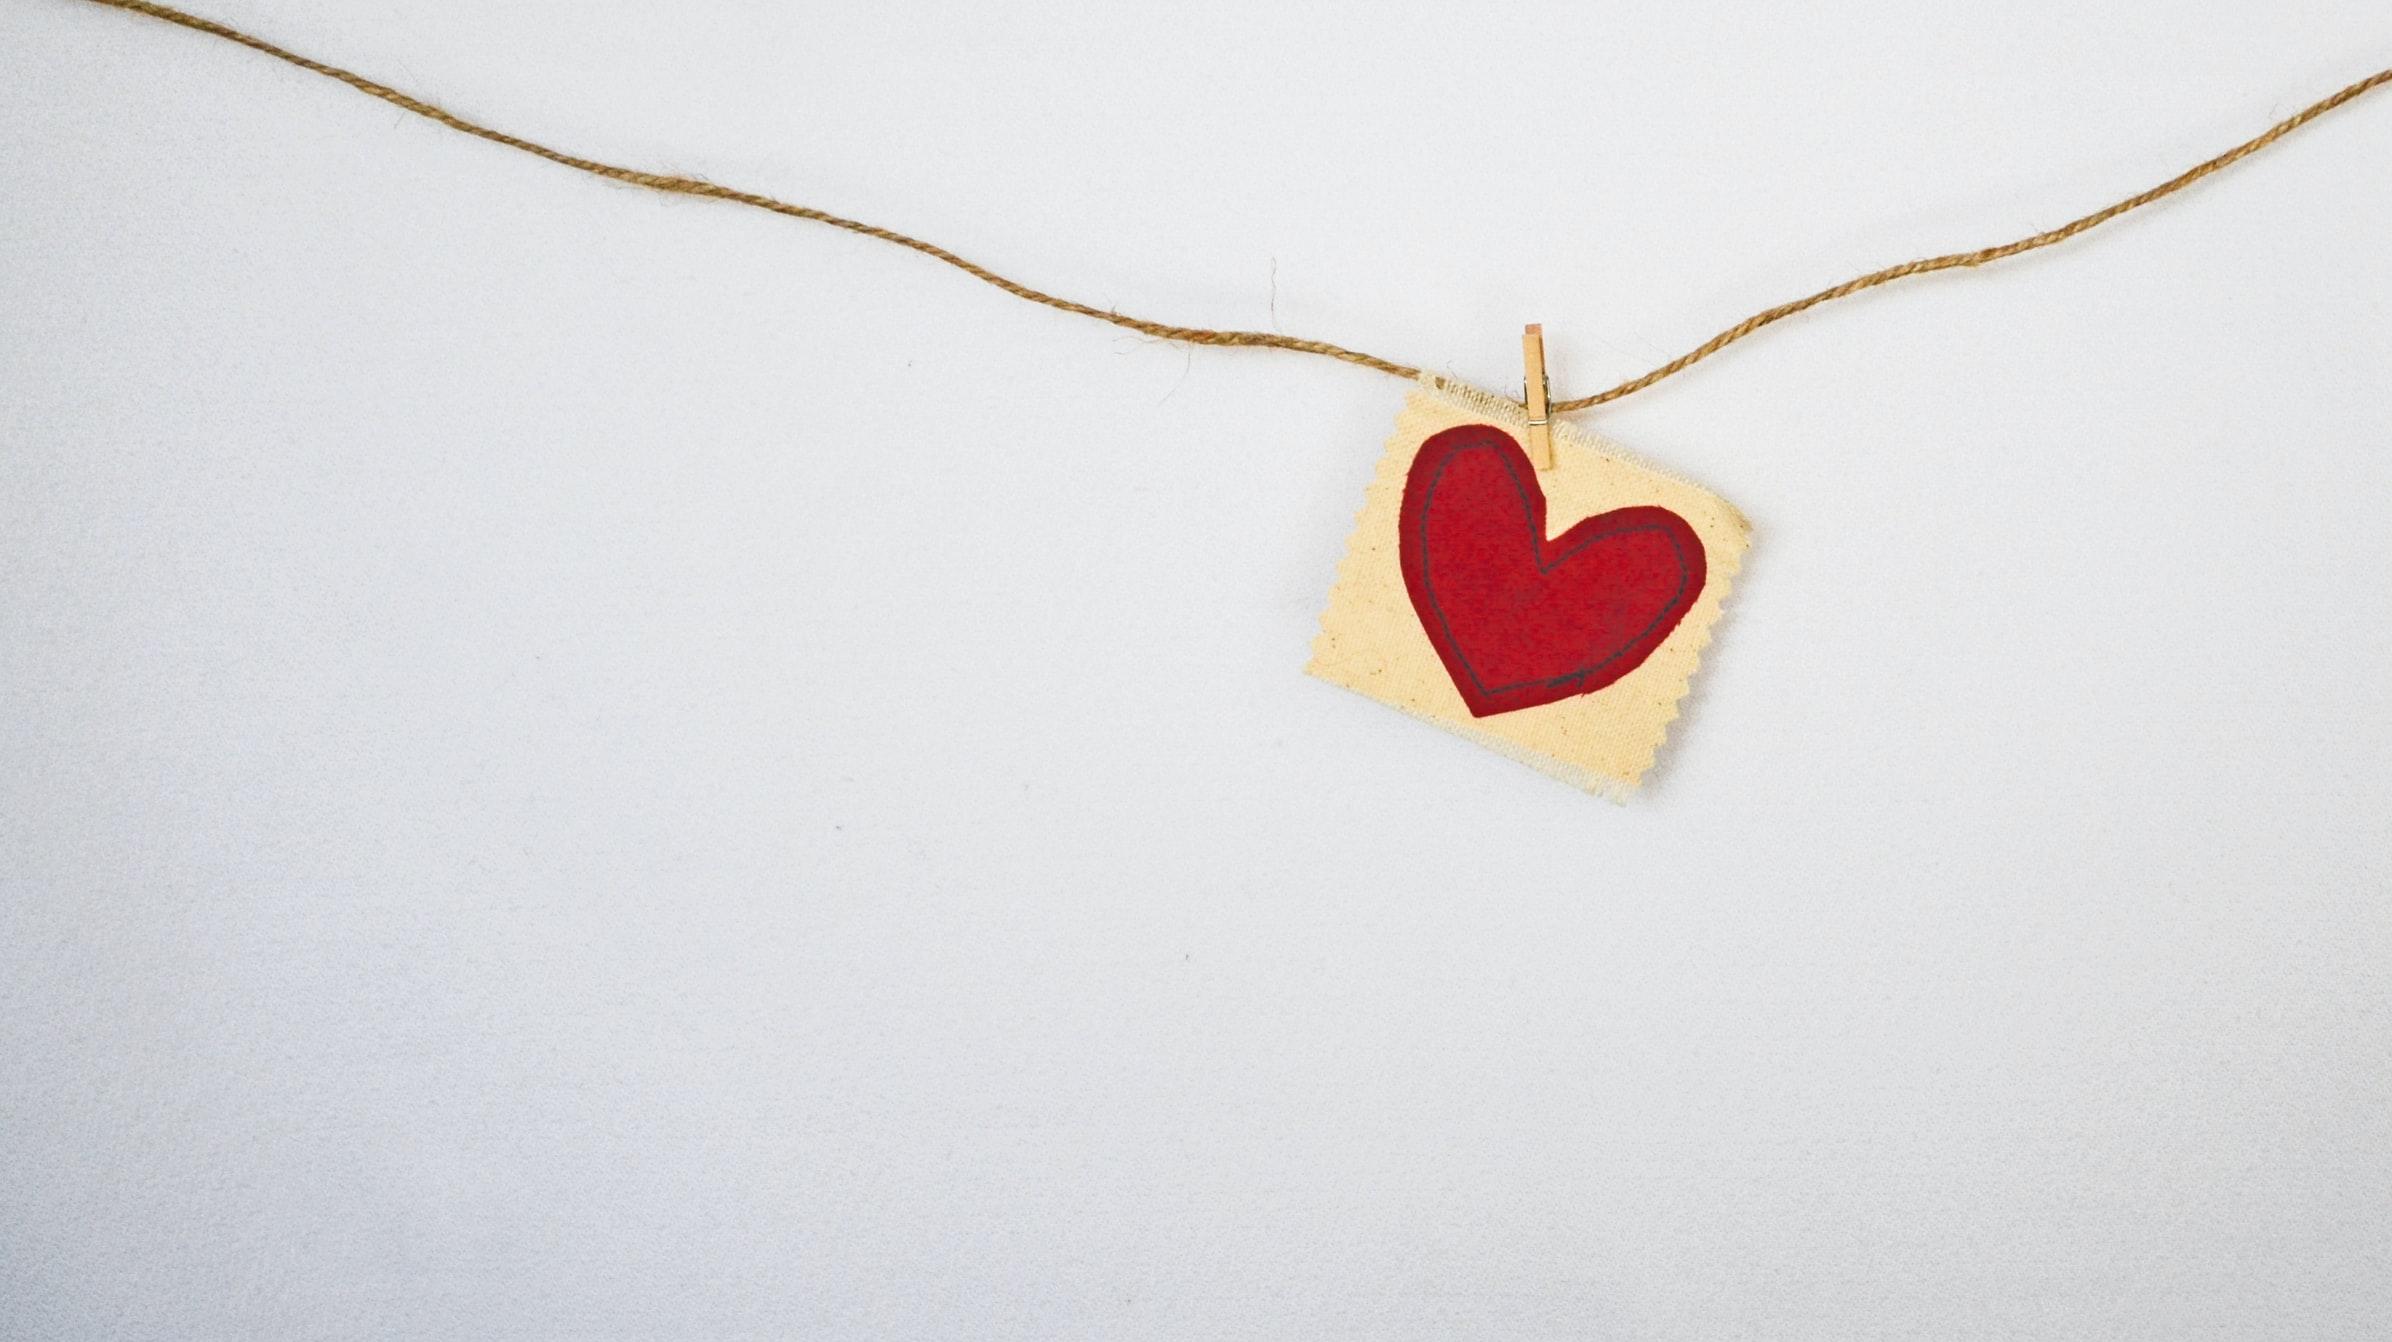 hjärta som sitter på ett snöre